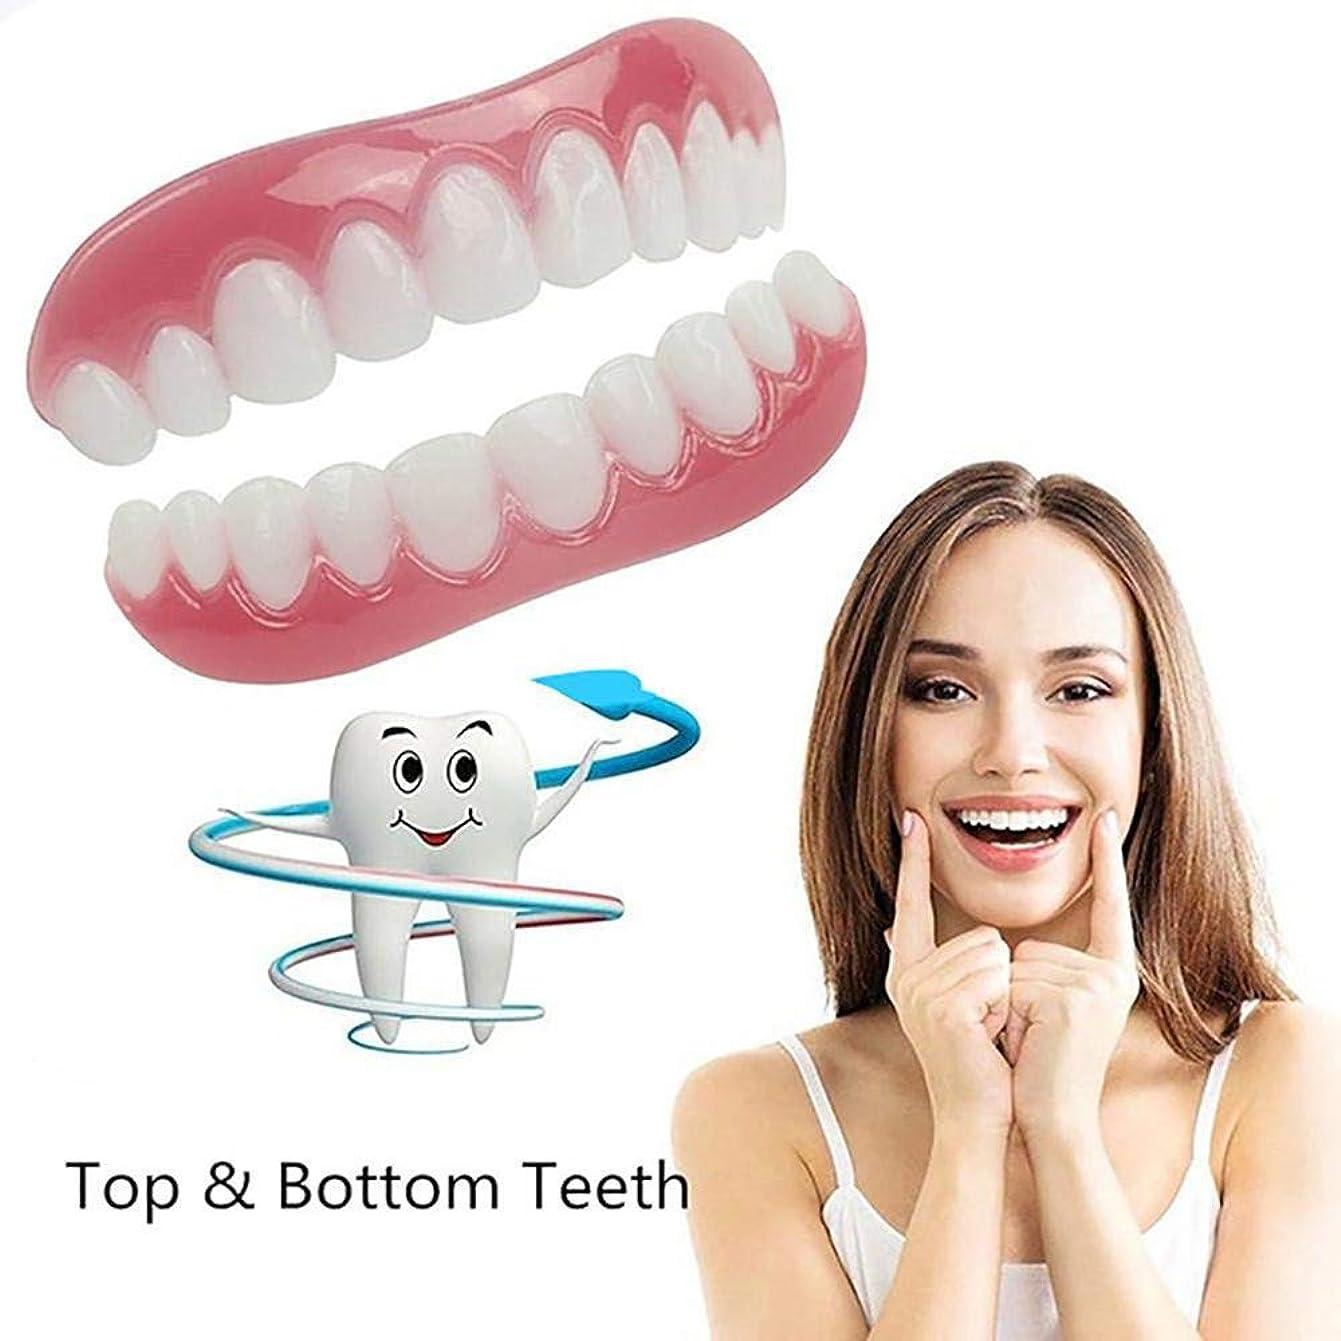 虹仮説丈夫歯ブレース化粧品ホワイトニング偽の歯模擬義歯上と下悪い変身自信を持って笑顔ボックスと上下の歯セット,8Pairs